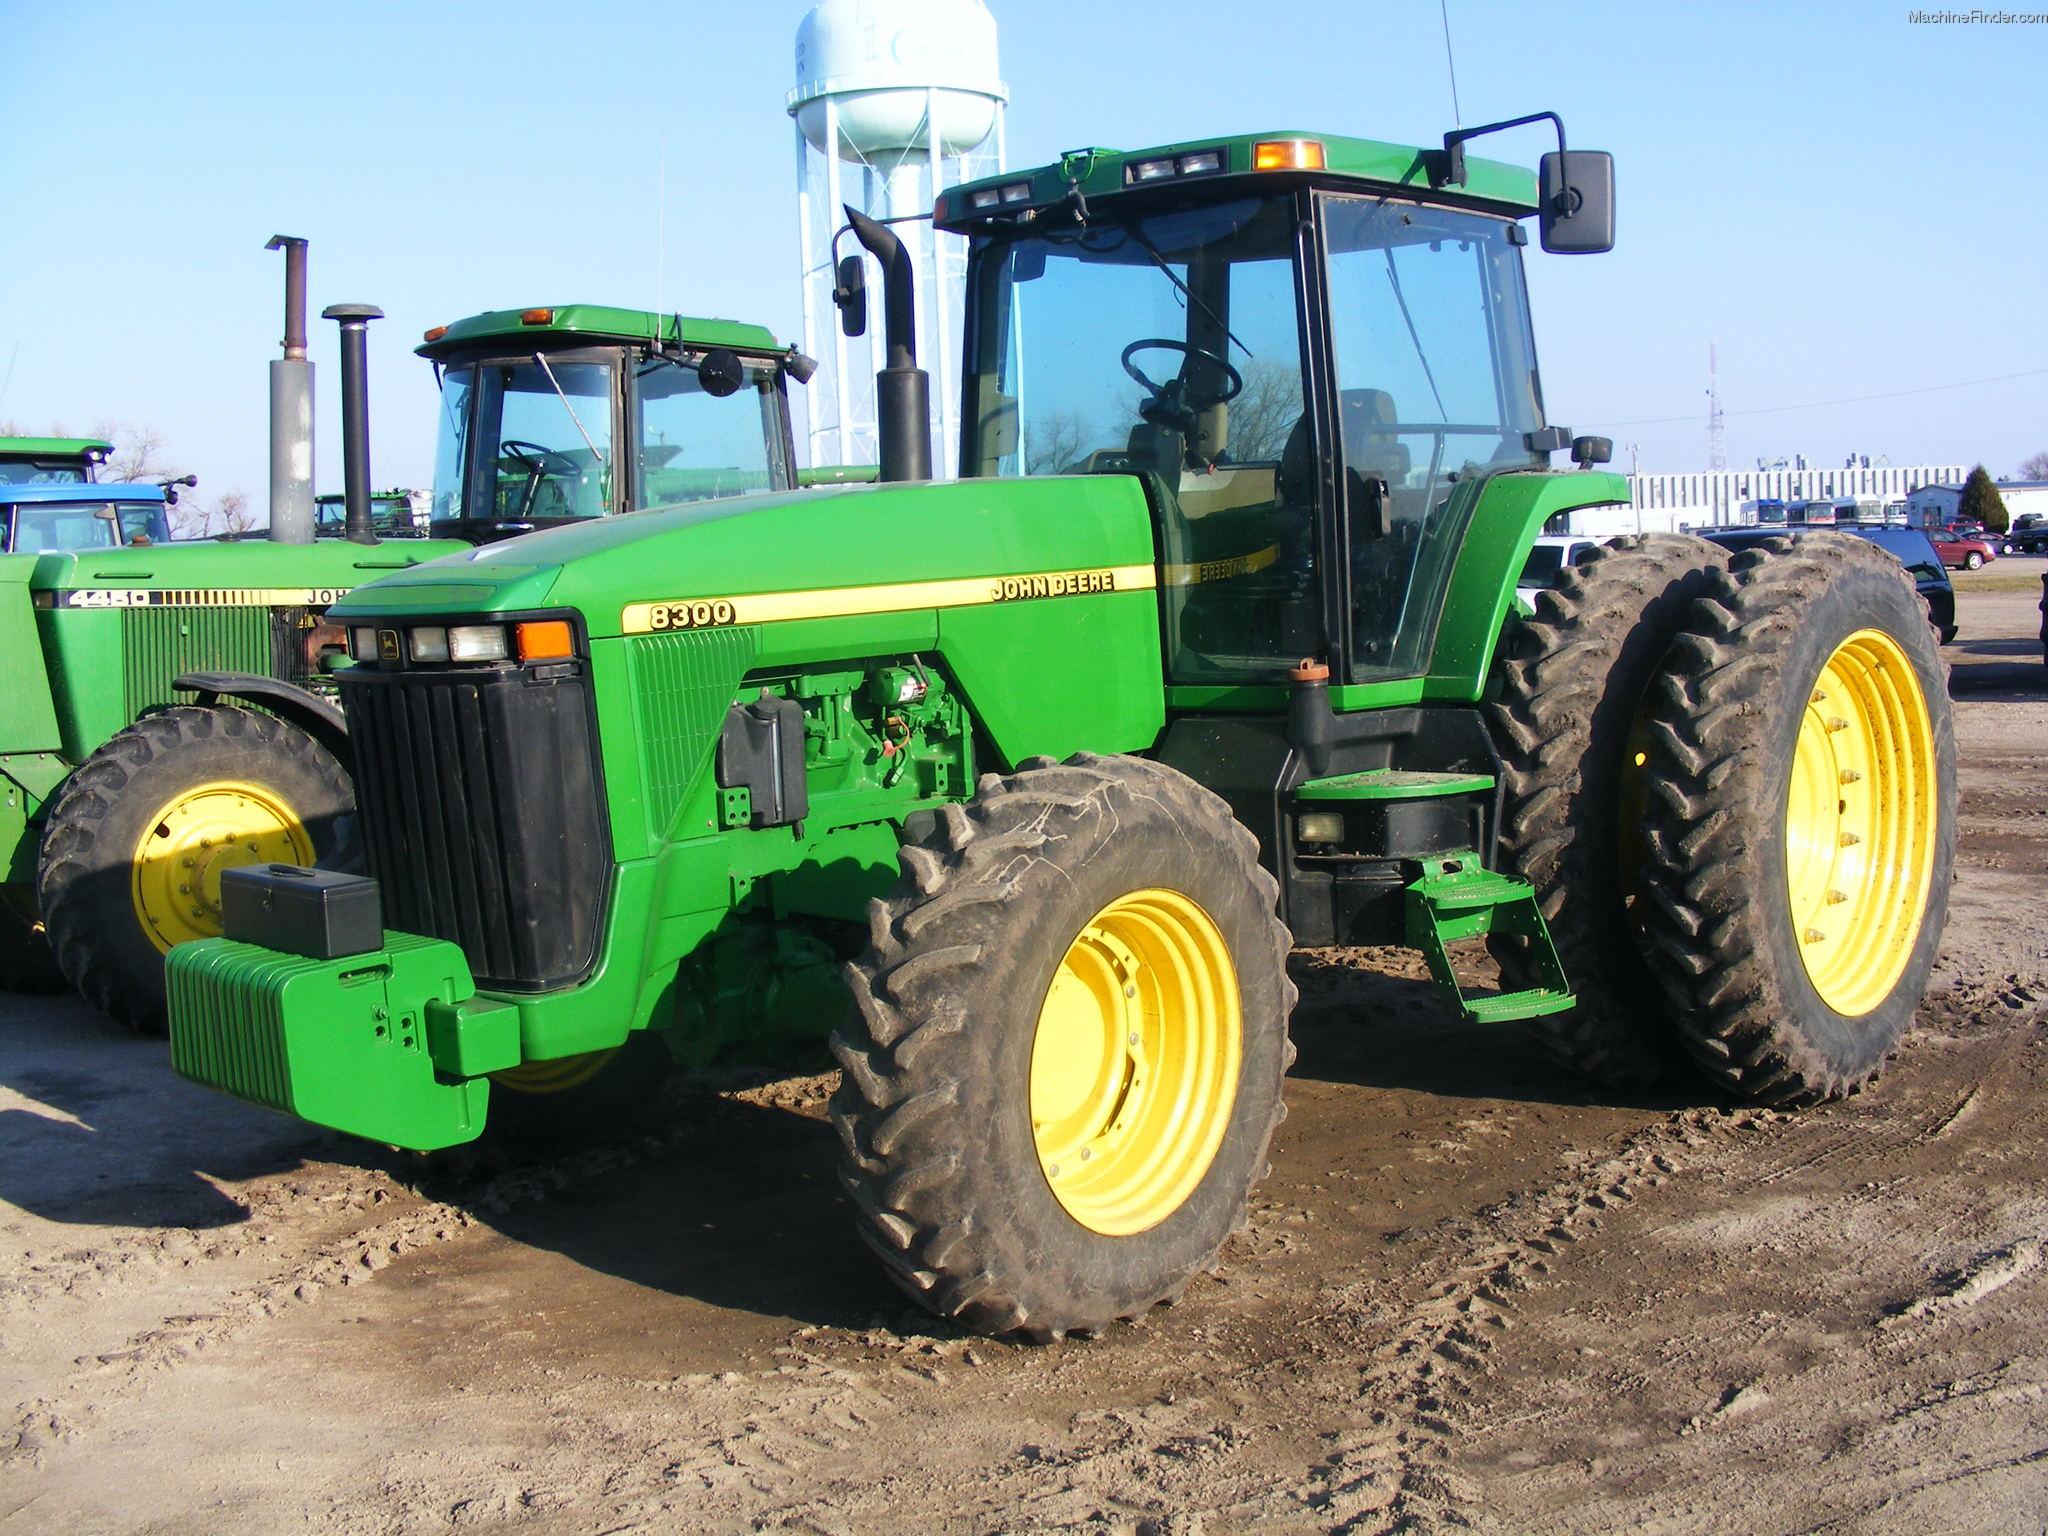 1997 John Deere 8300 Tractors - Row Crop (+100hp) - John ...